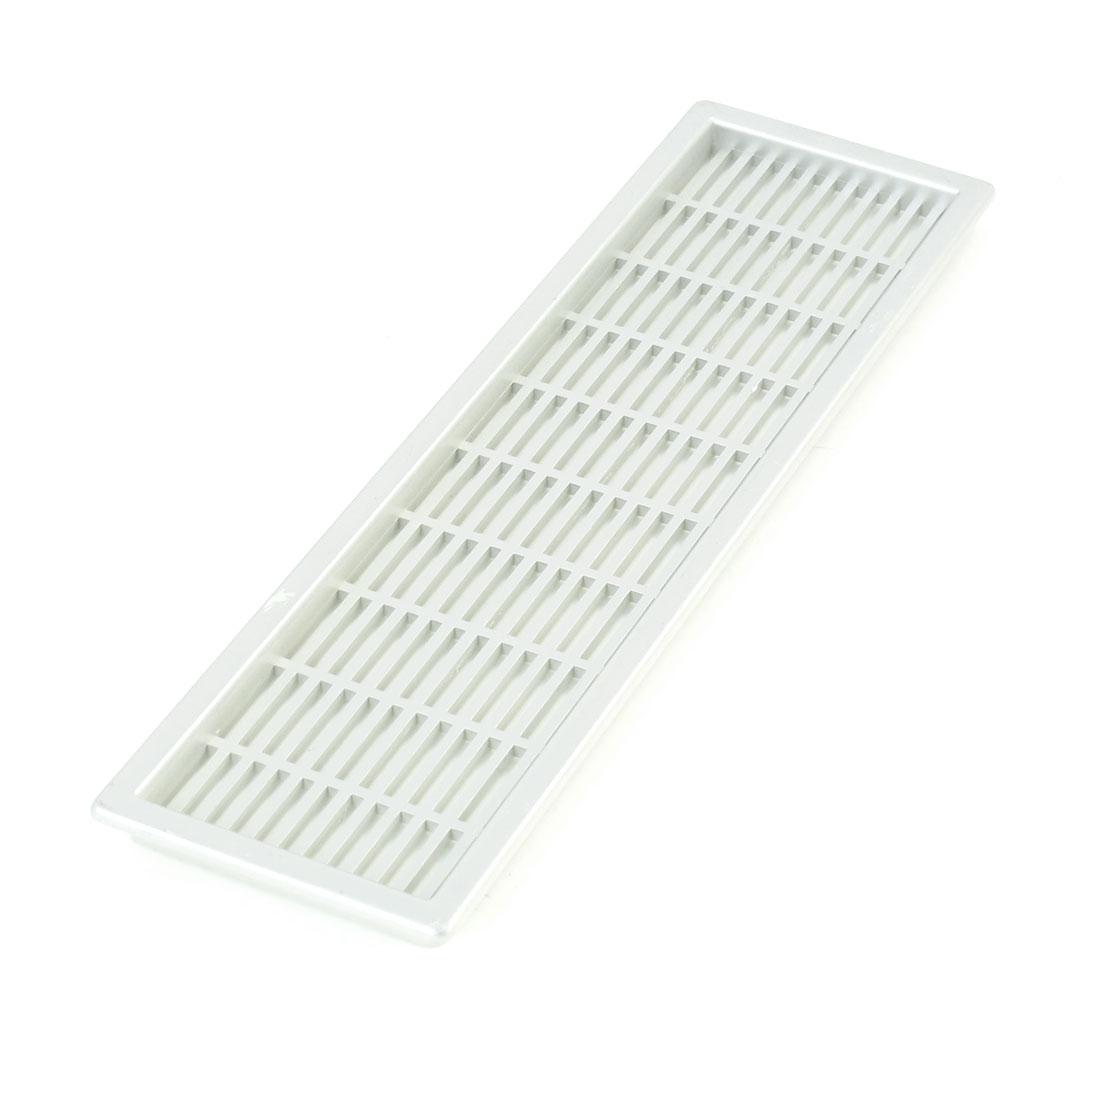 22.5cm x 6.5cm Rectangle Shape Plastic Mesh Hole Air Vent Louver